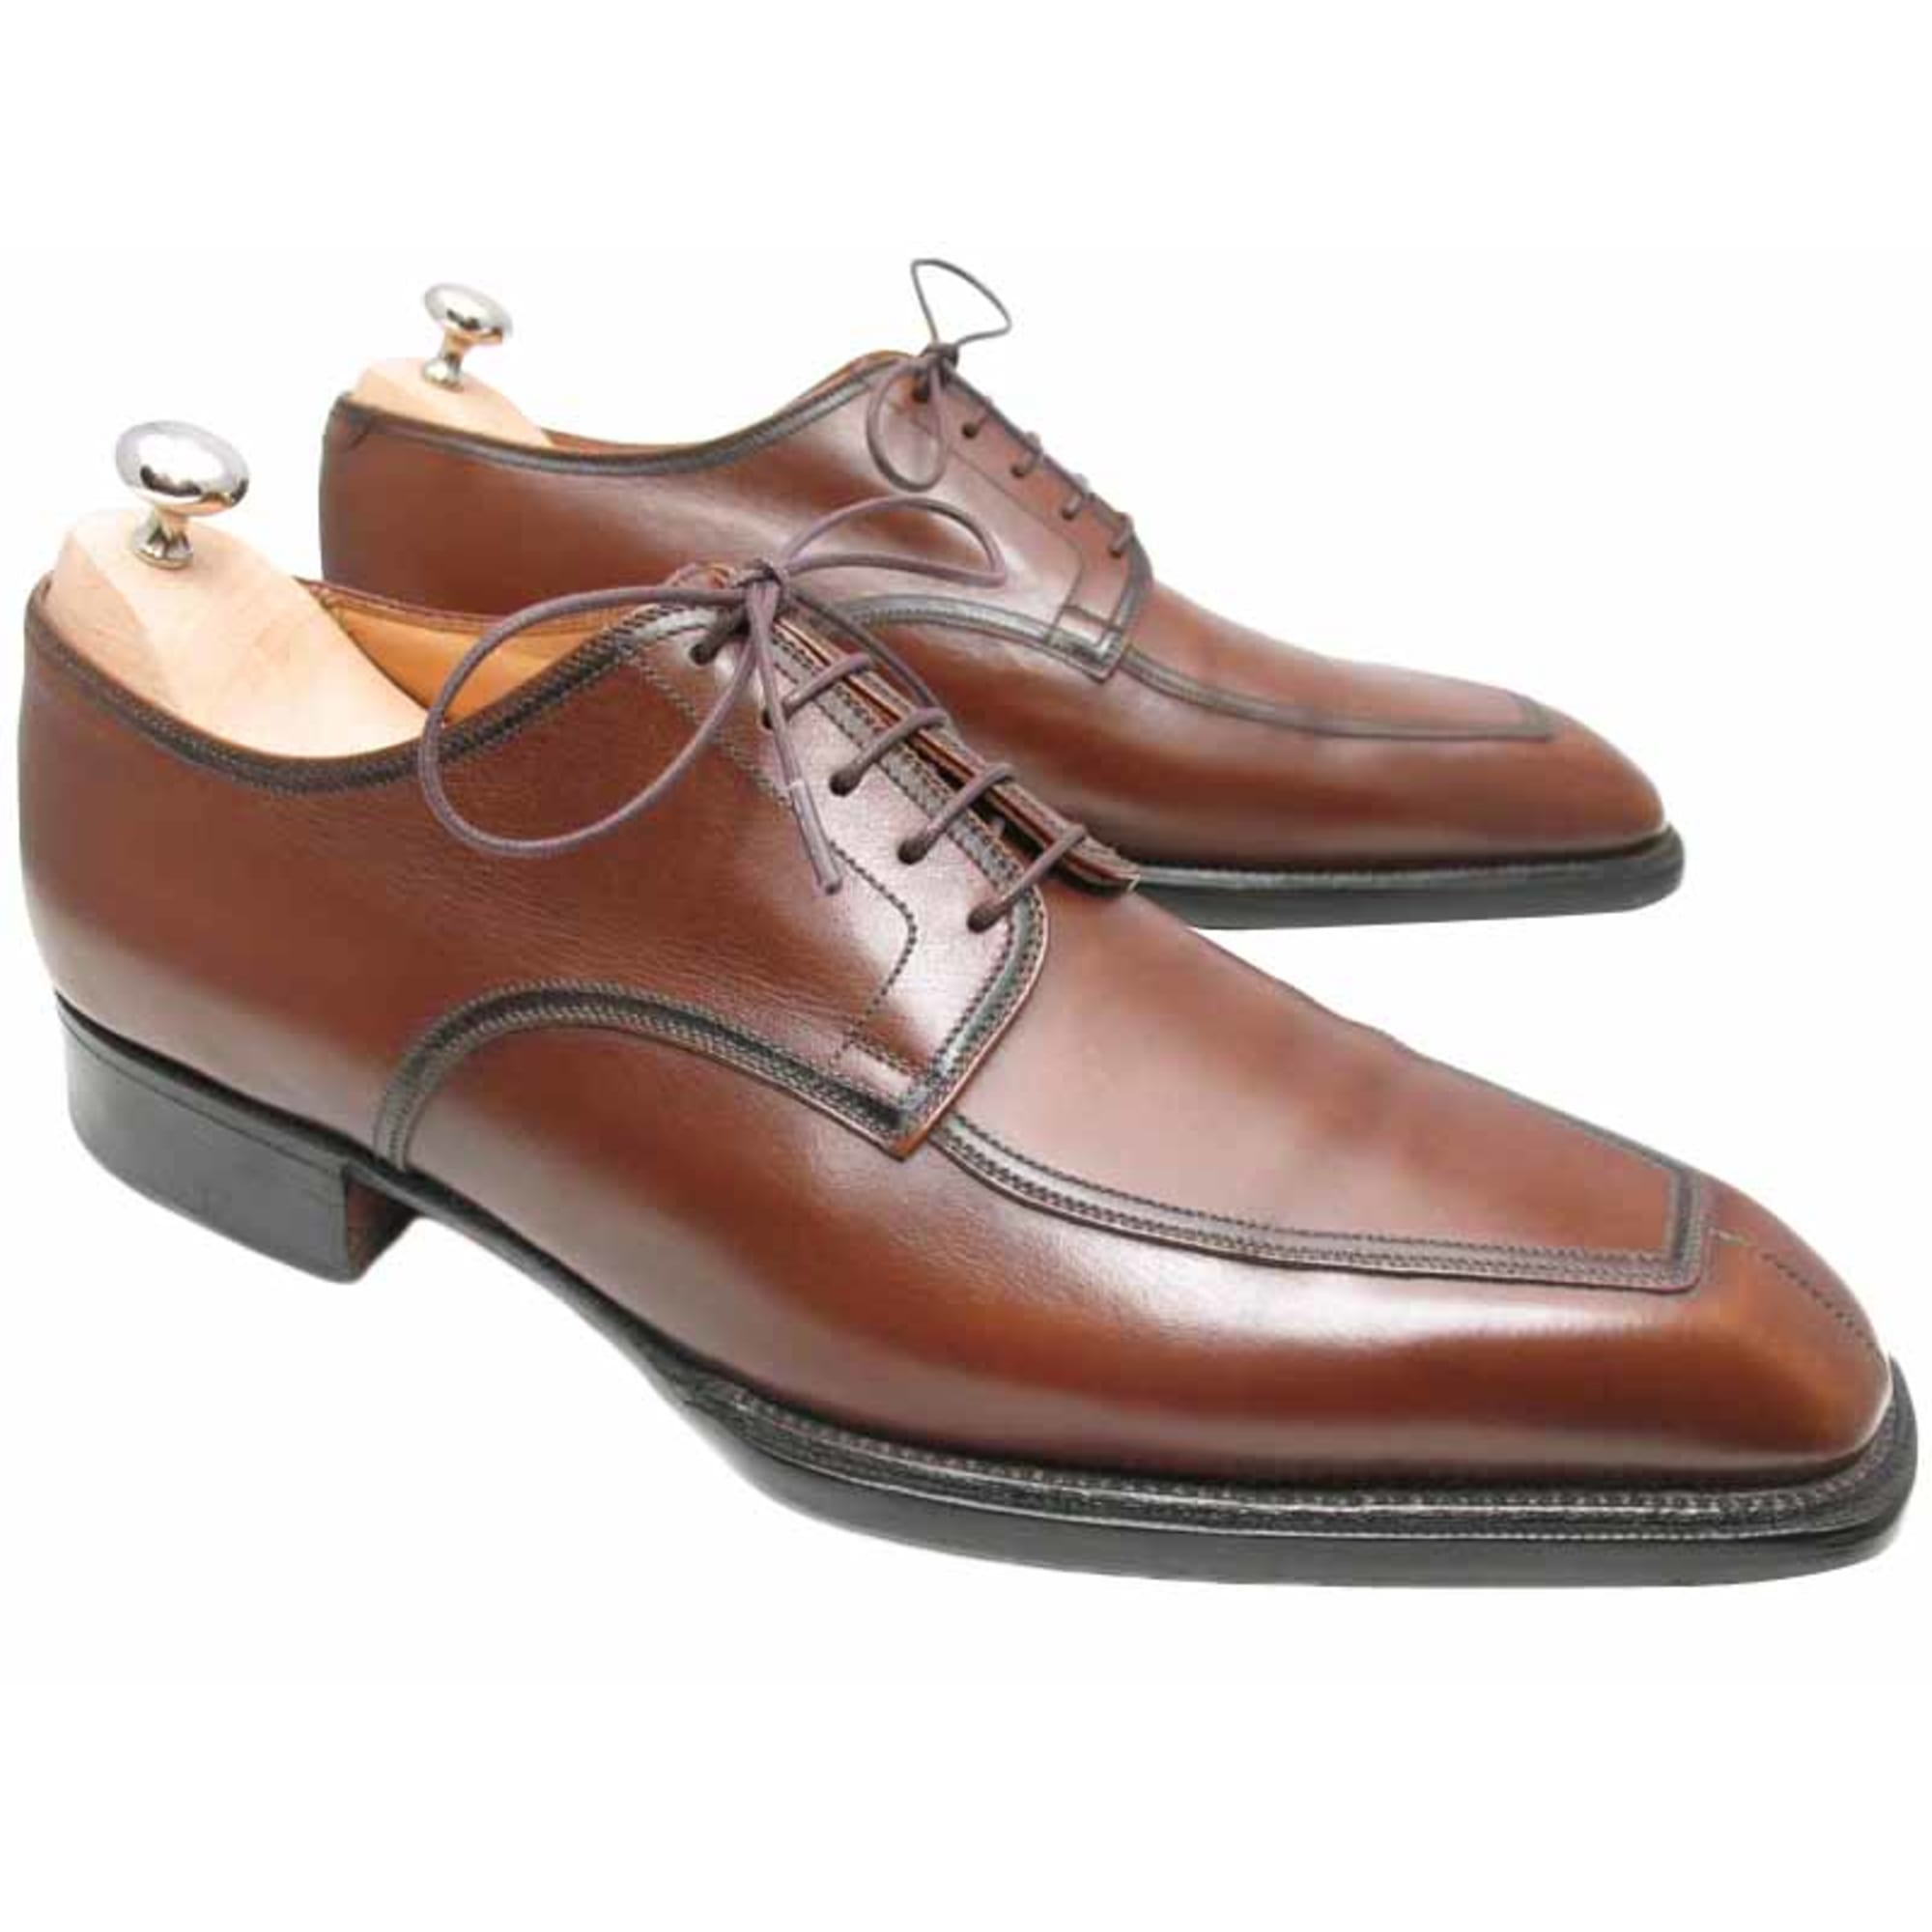 9df65a84f4 Chaussures à lacets JM WESTON 40,5 marron vendu par Carine ...